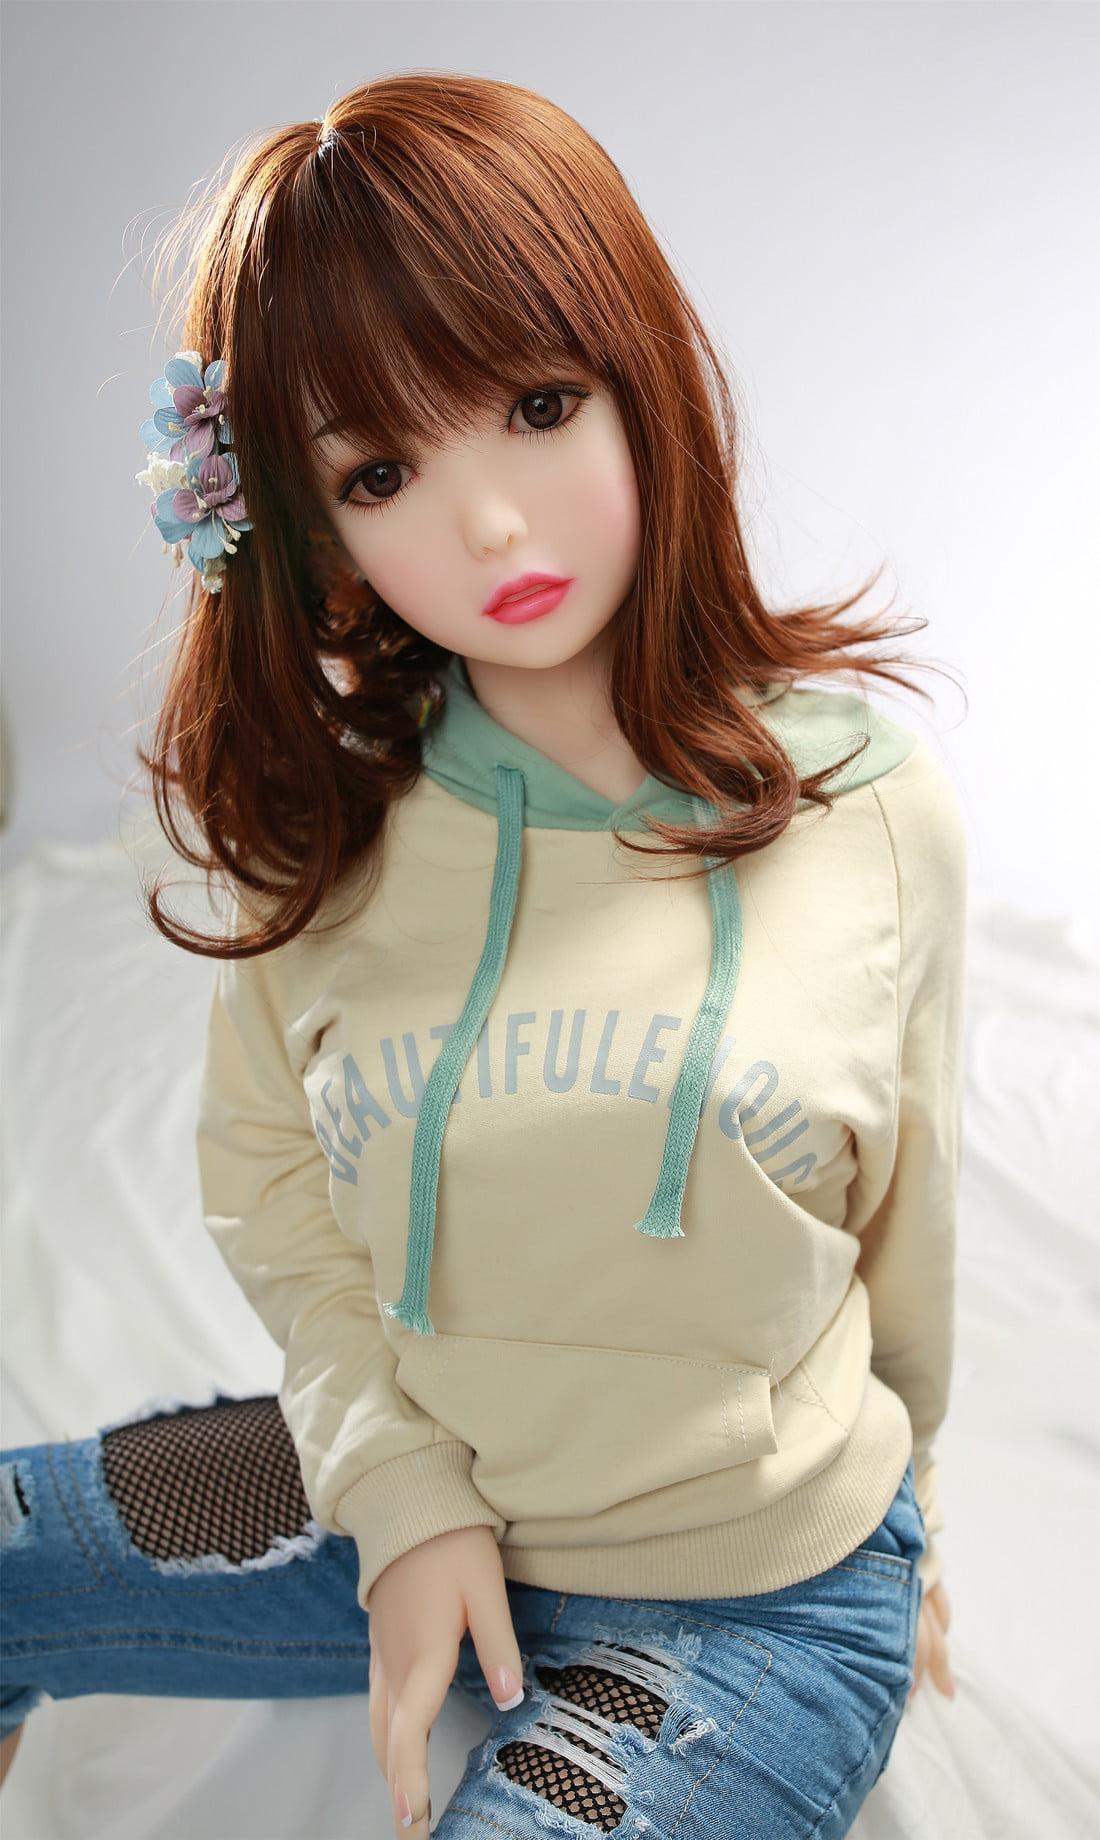 130cm Sex Doll - Adela